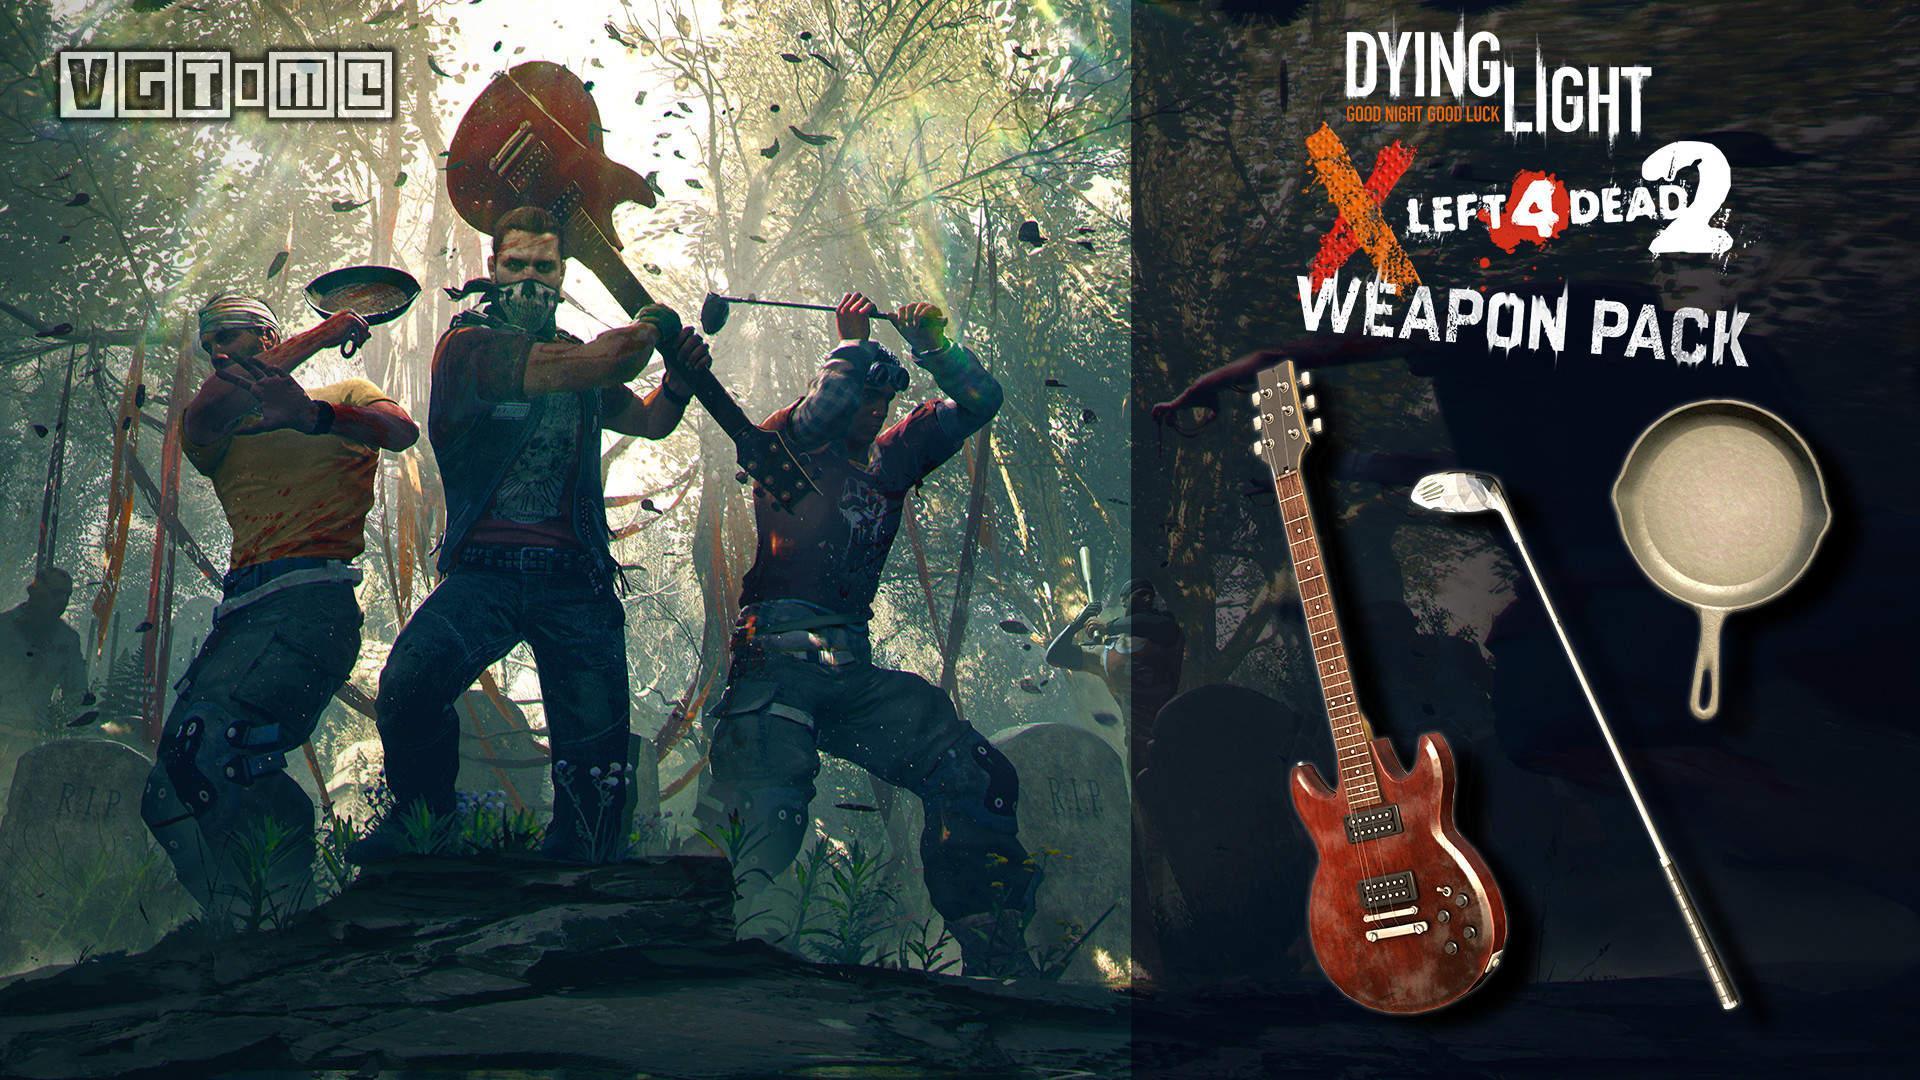 《消逝的光芒》X《求生之路2》联动内容公开:各自加入对方的武器